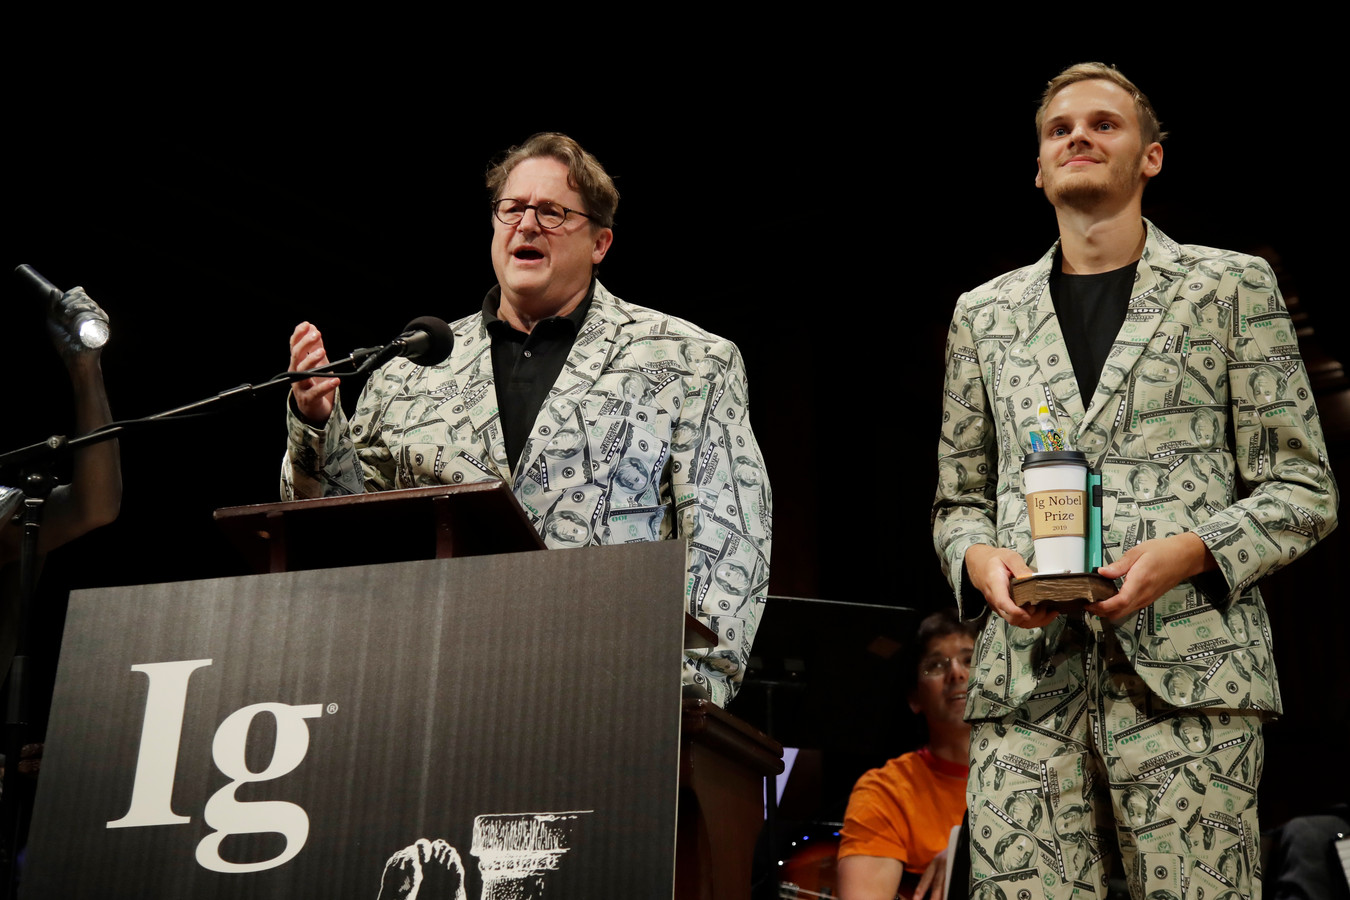 Andreas Voss (links) en zijn zoon Timothy tijdens de uitreiking van de Ig Nobelprijzen, donderdagavond op de Harvard Universiteit in Cambridge (VS).